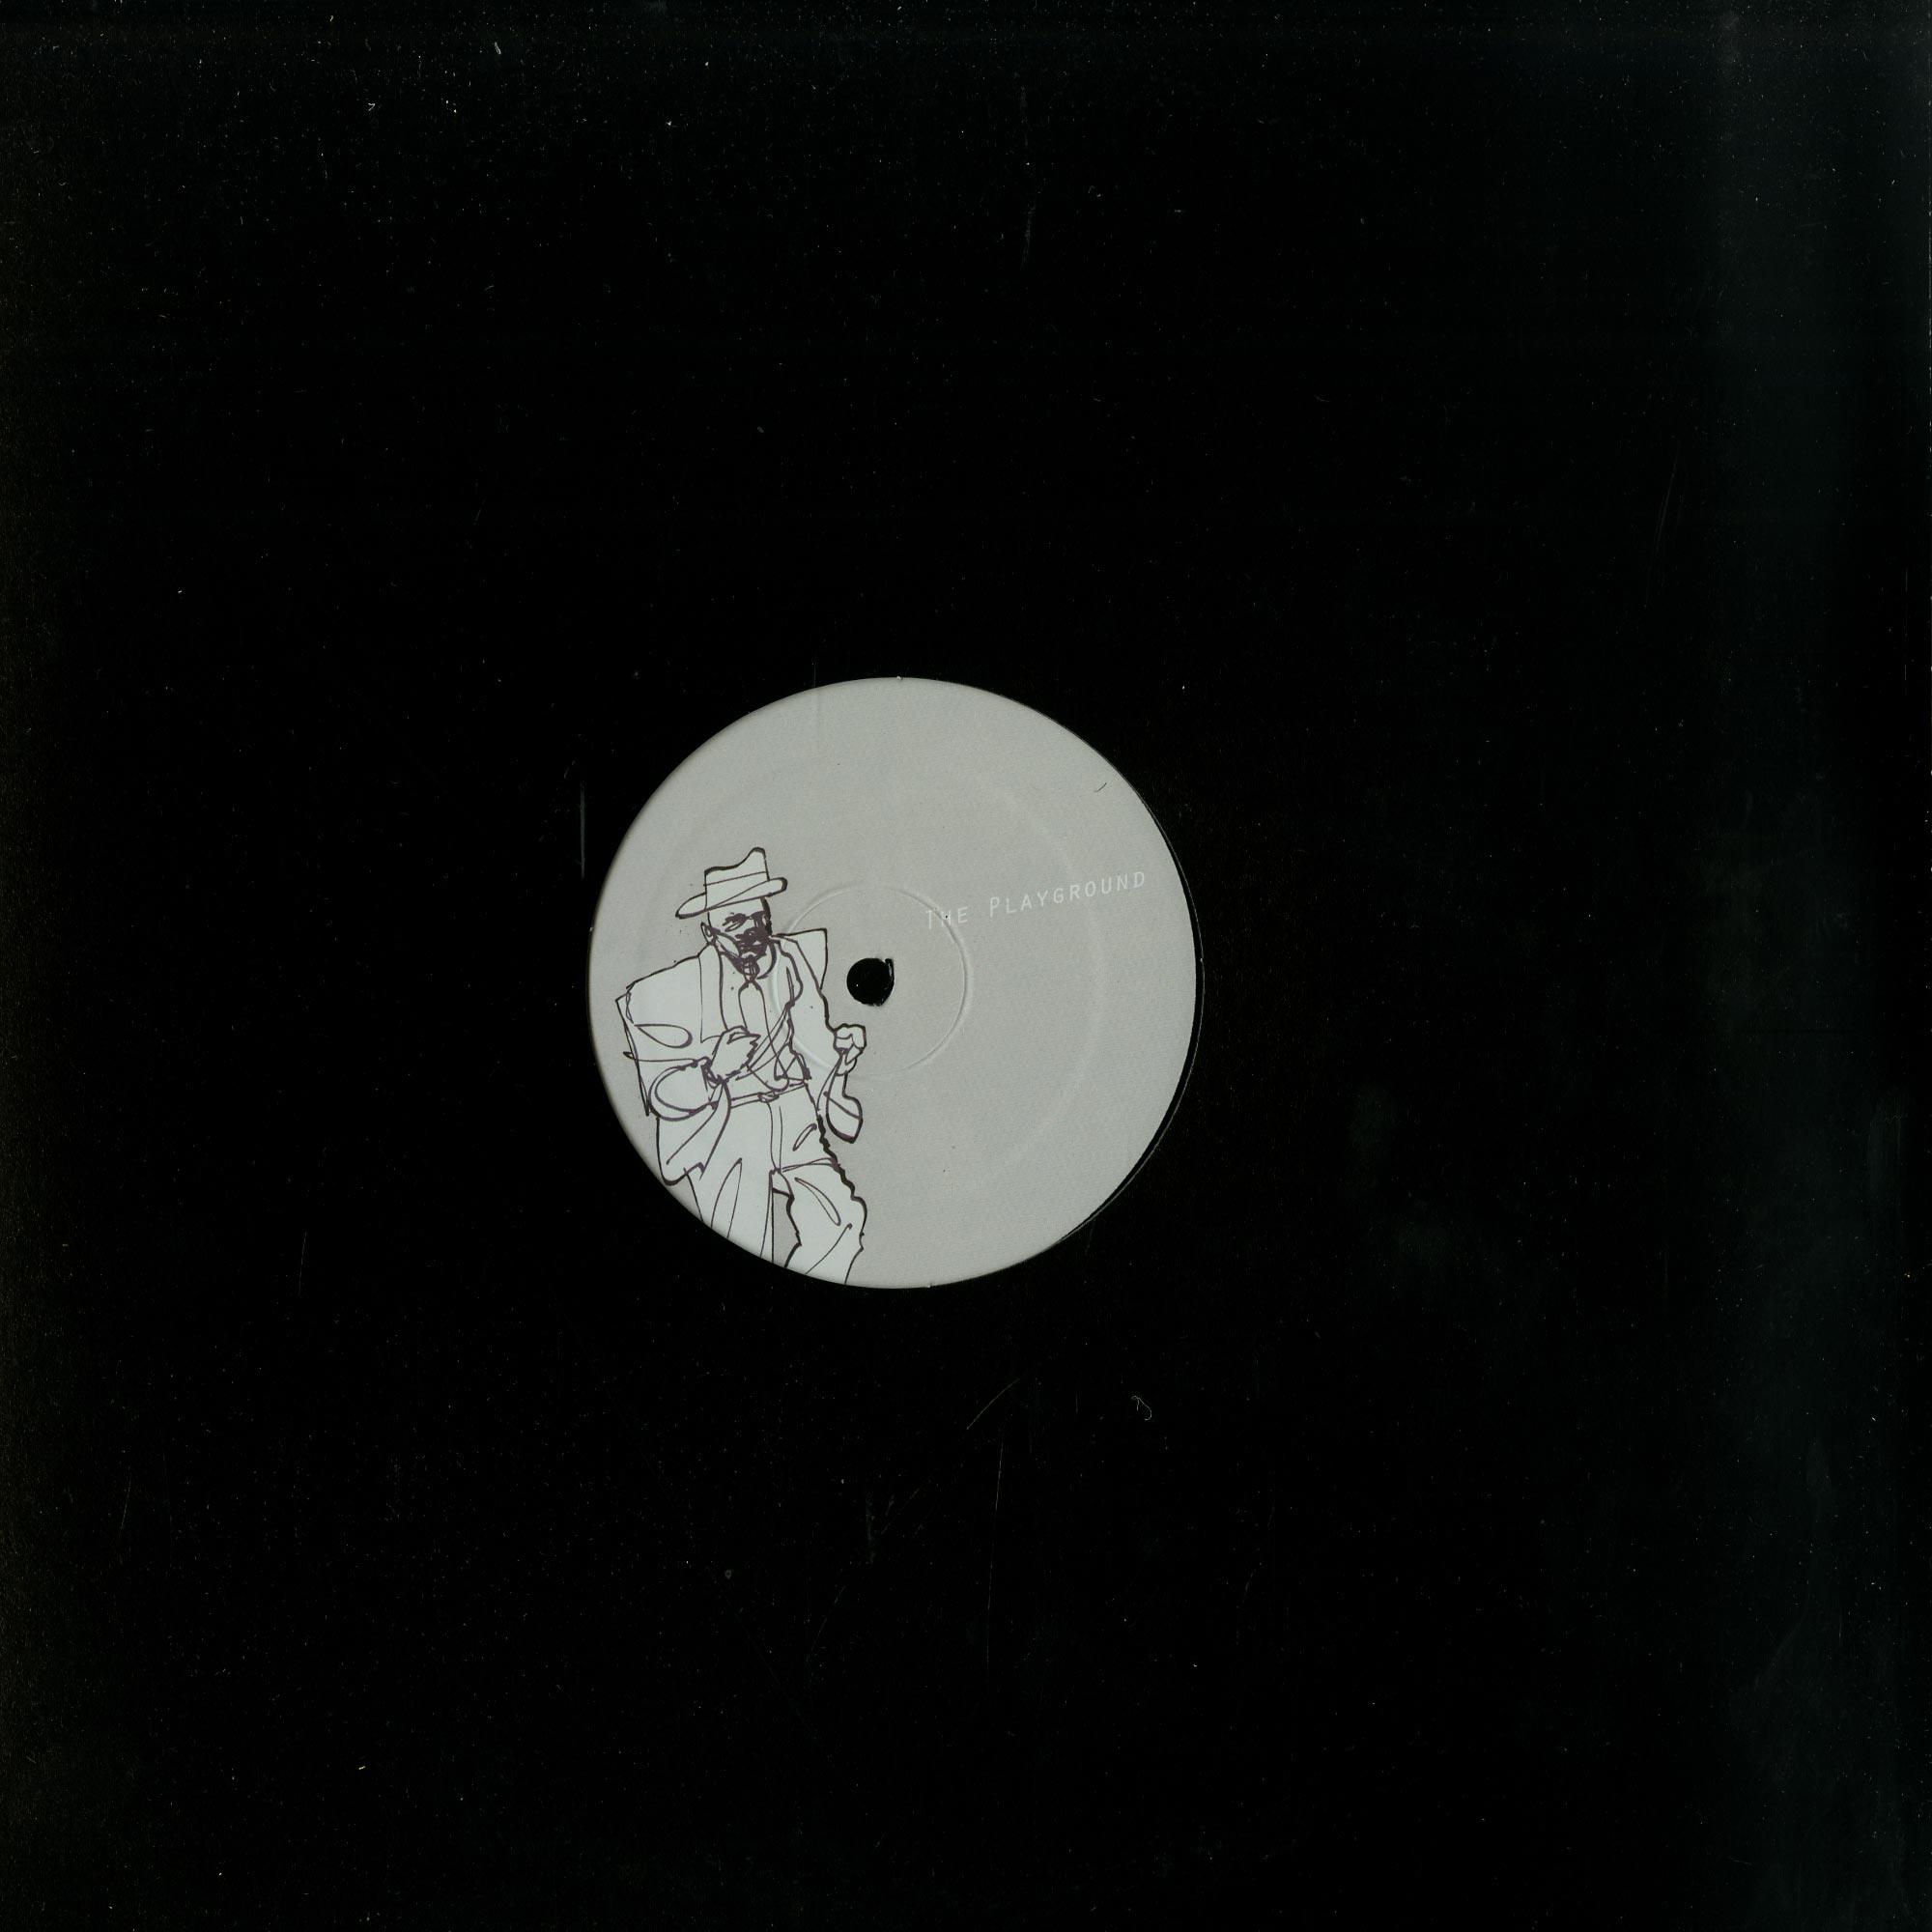 Kez YM - SANDPIT EP